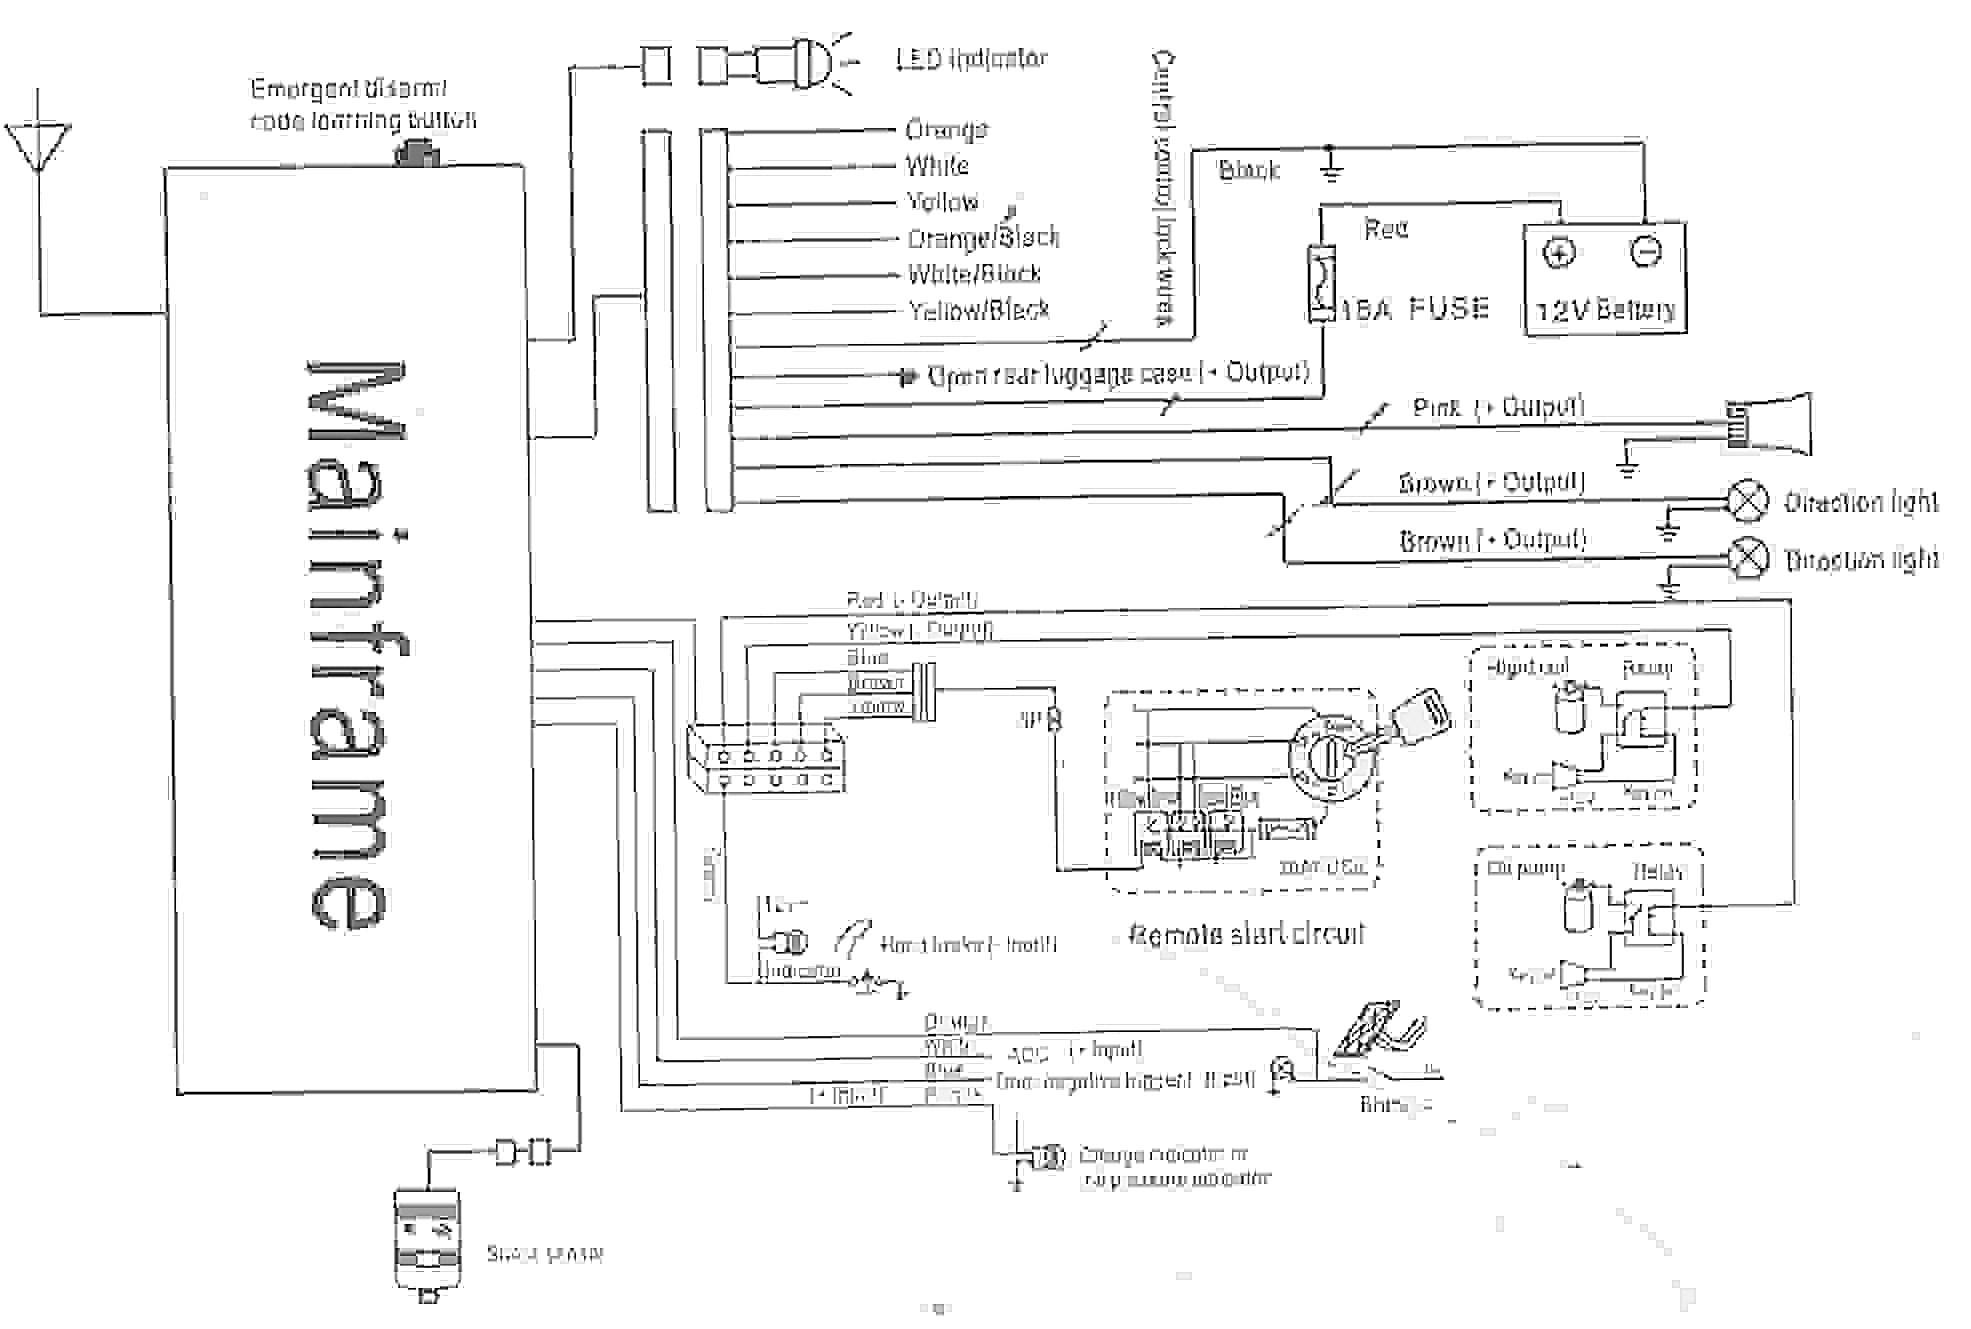 5915A5 Hawk Car Alarm Wiring Diagram   My Wiring DIagram   Wiring LibraryWiring Library